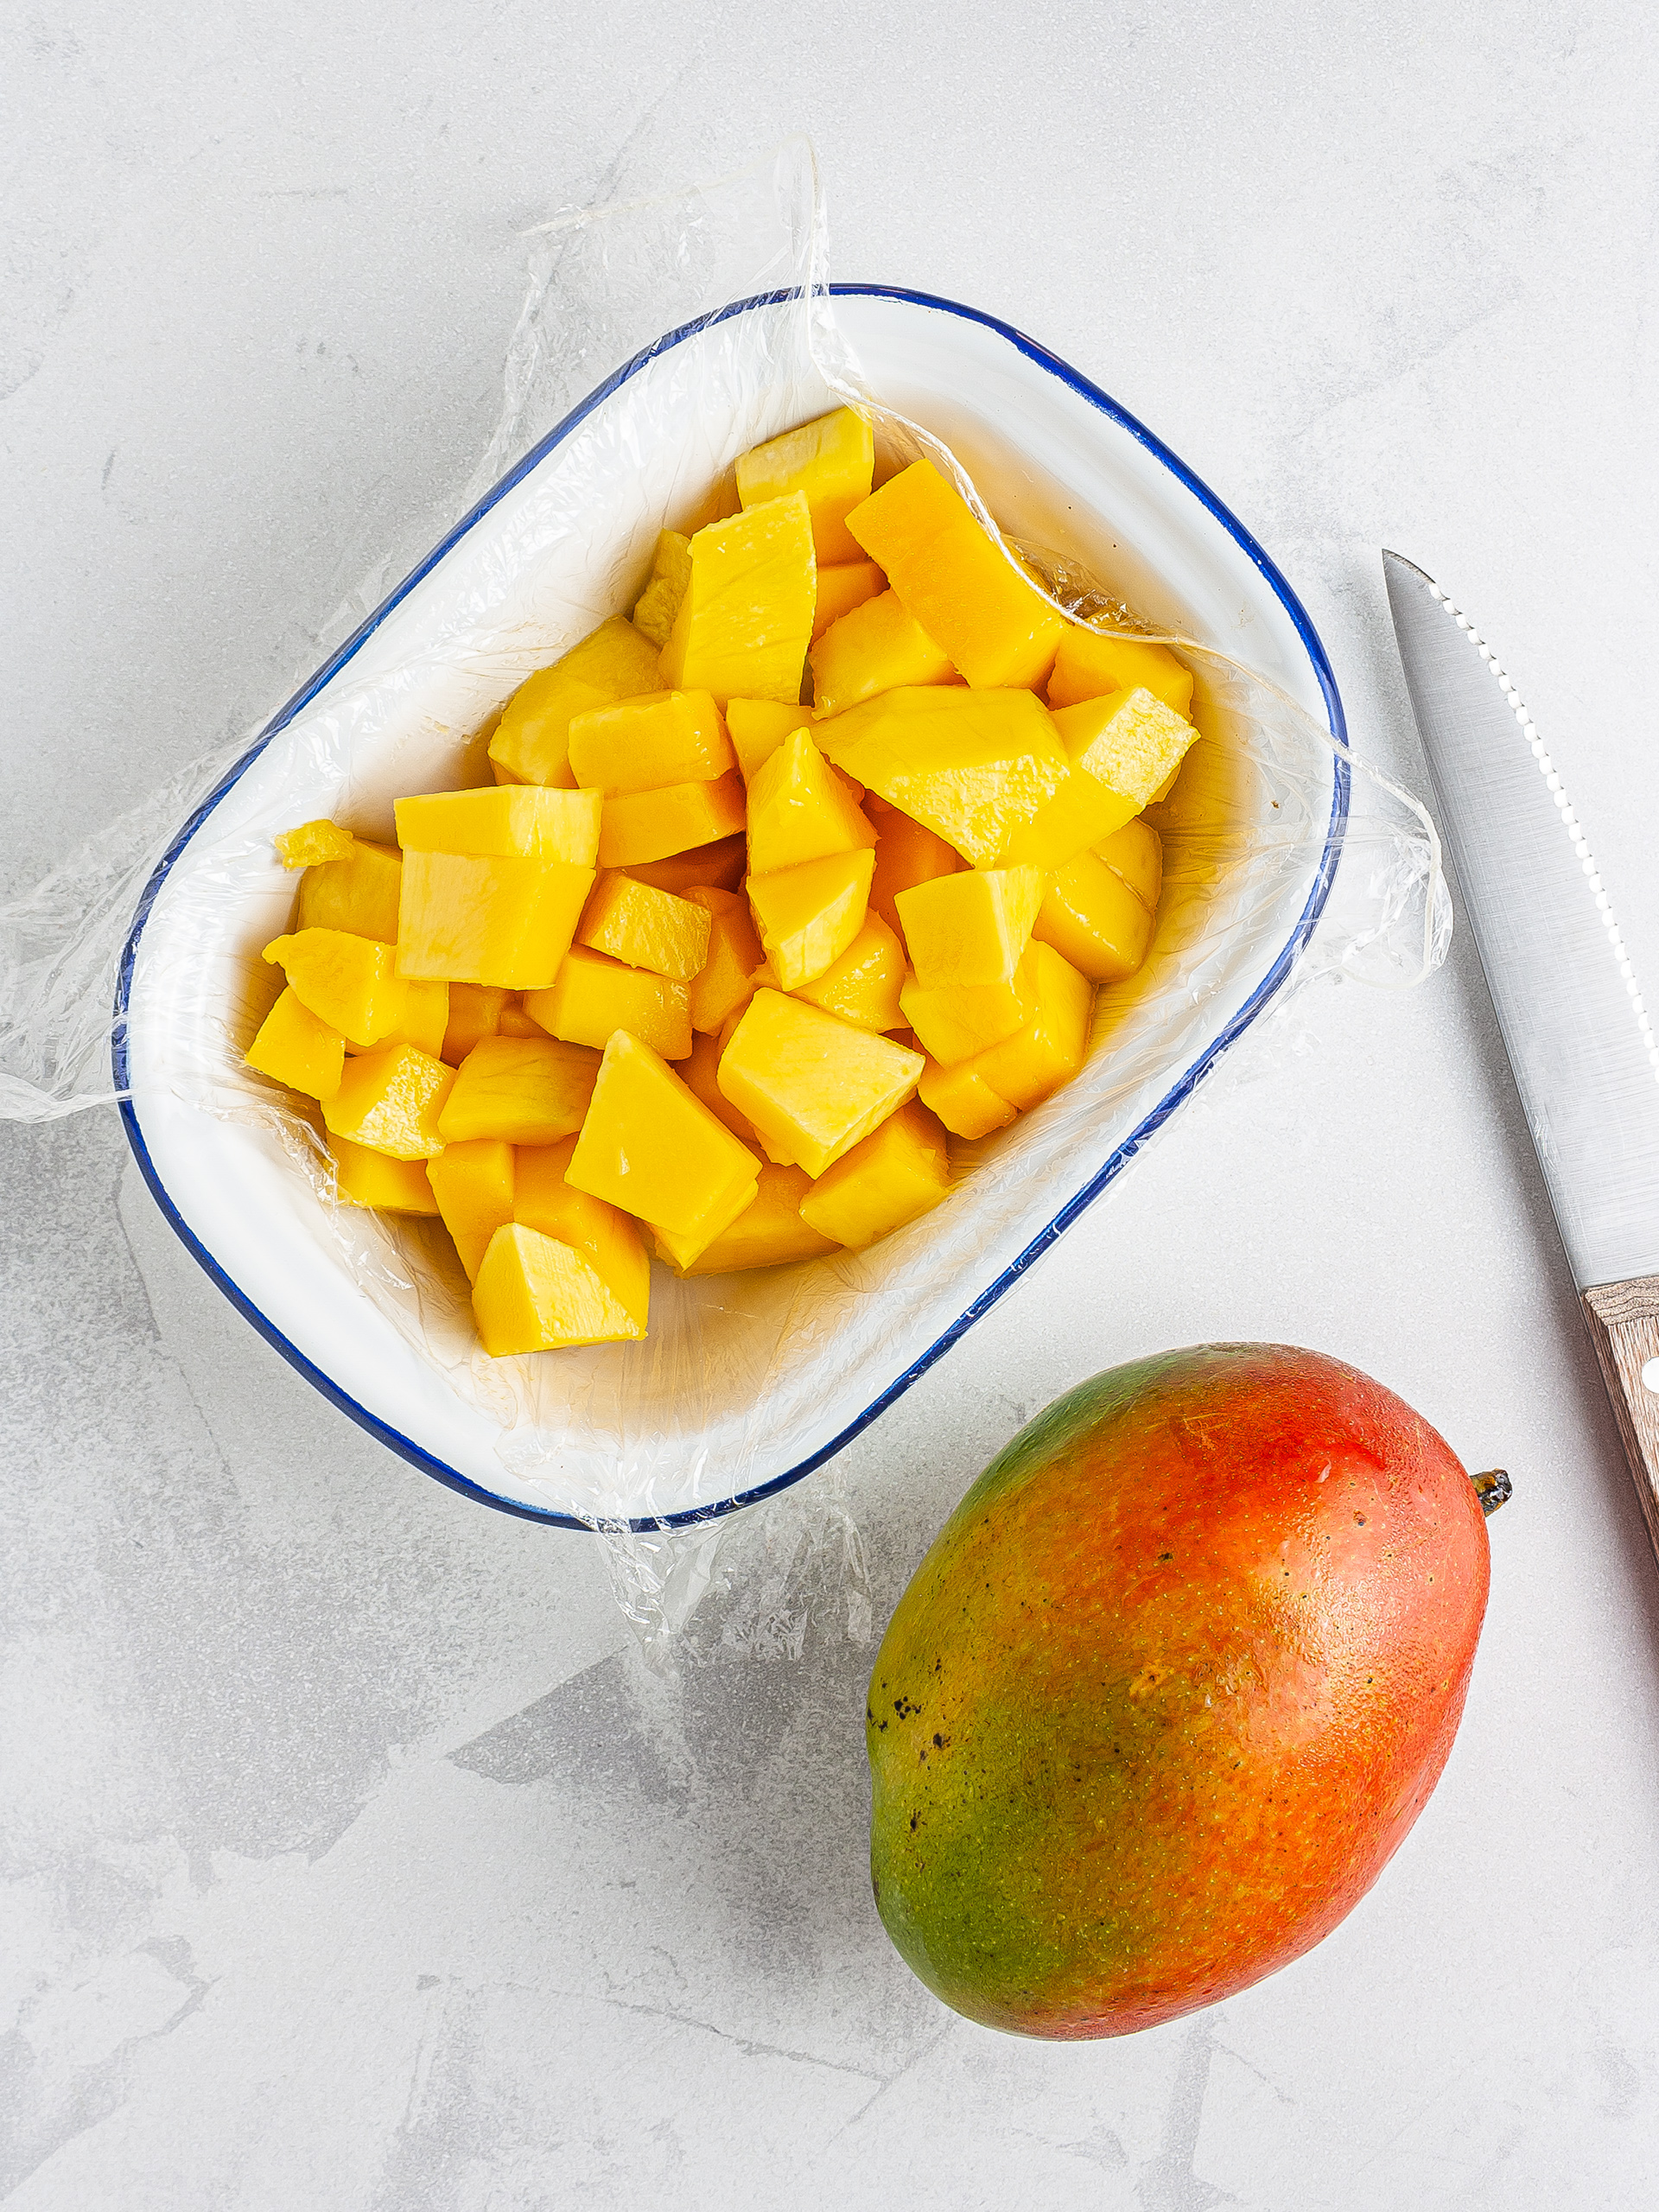 Chopped mangoes